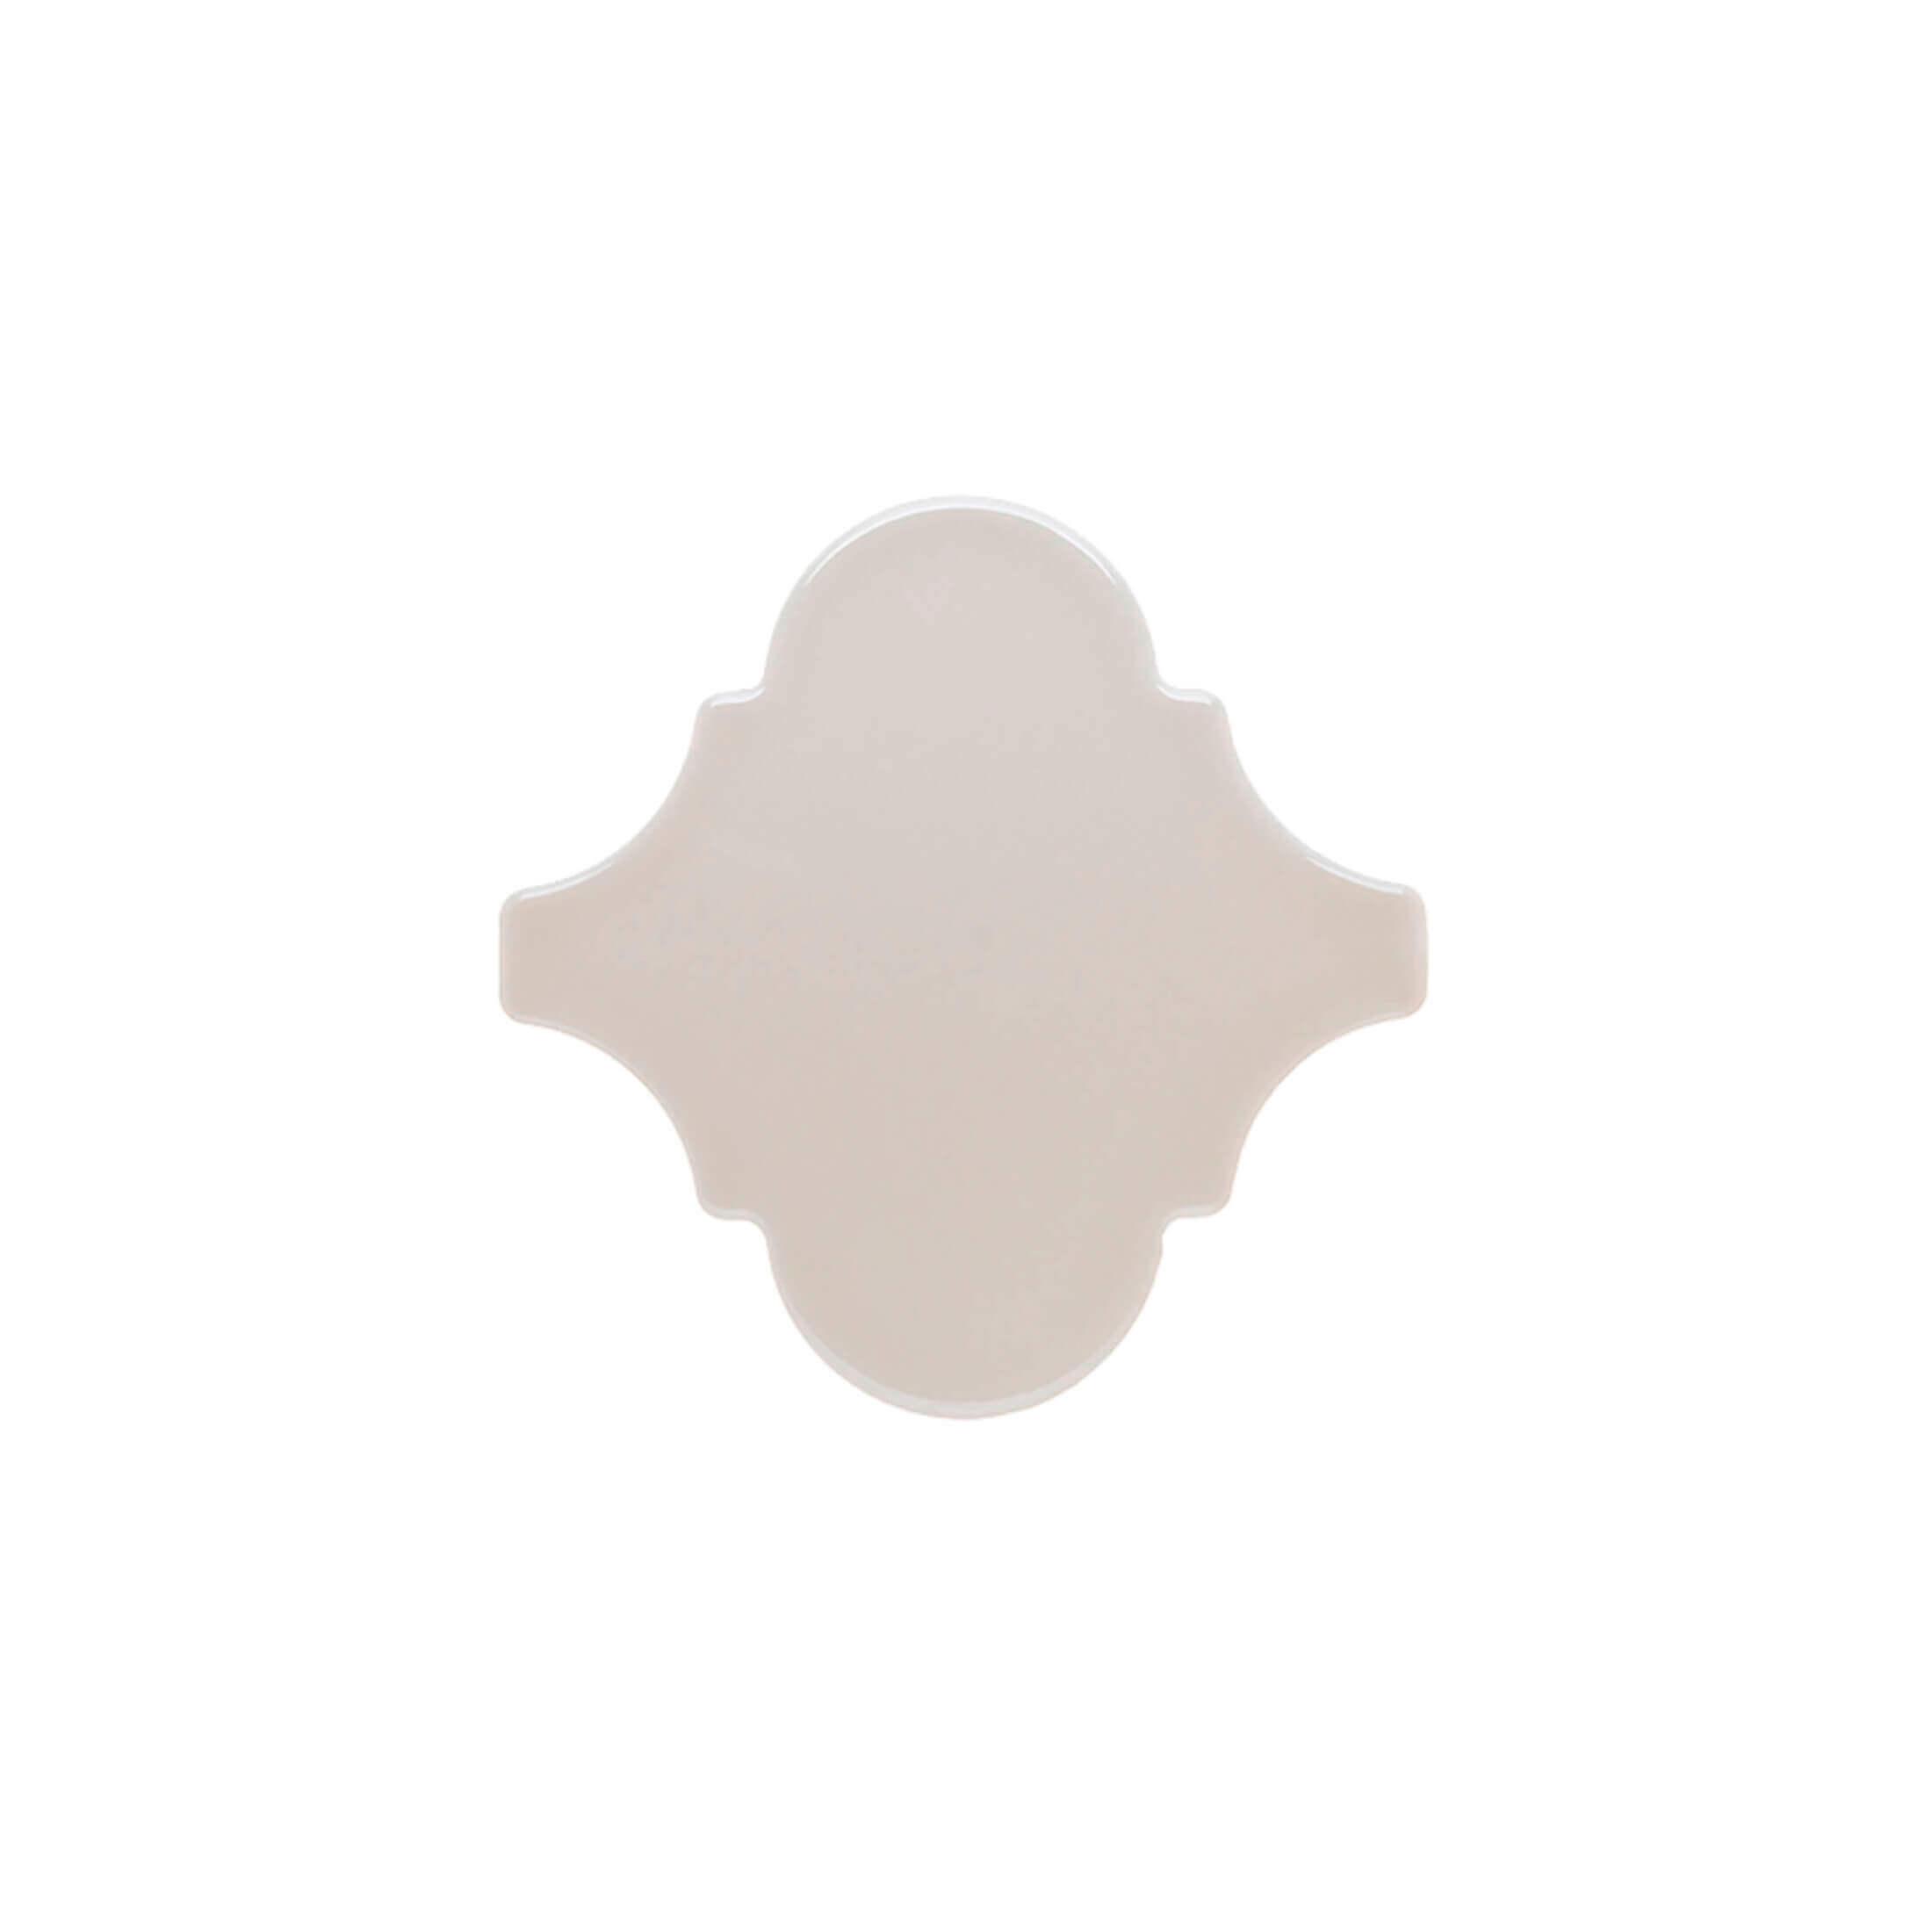 ADNE8112 - ARABESCO SIERRA SAND - 15 cm X 15 cm